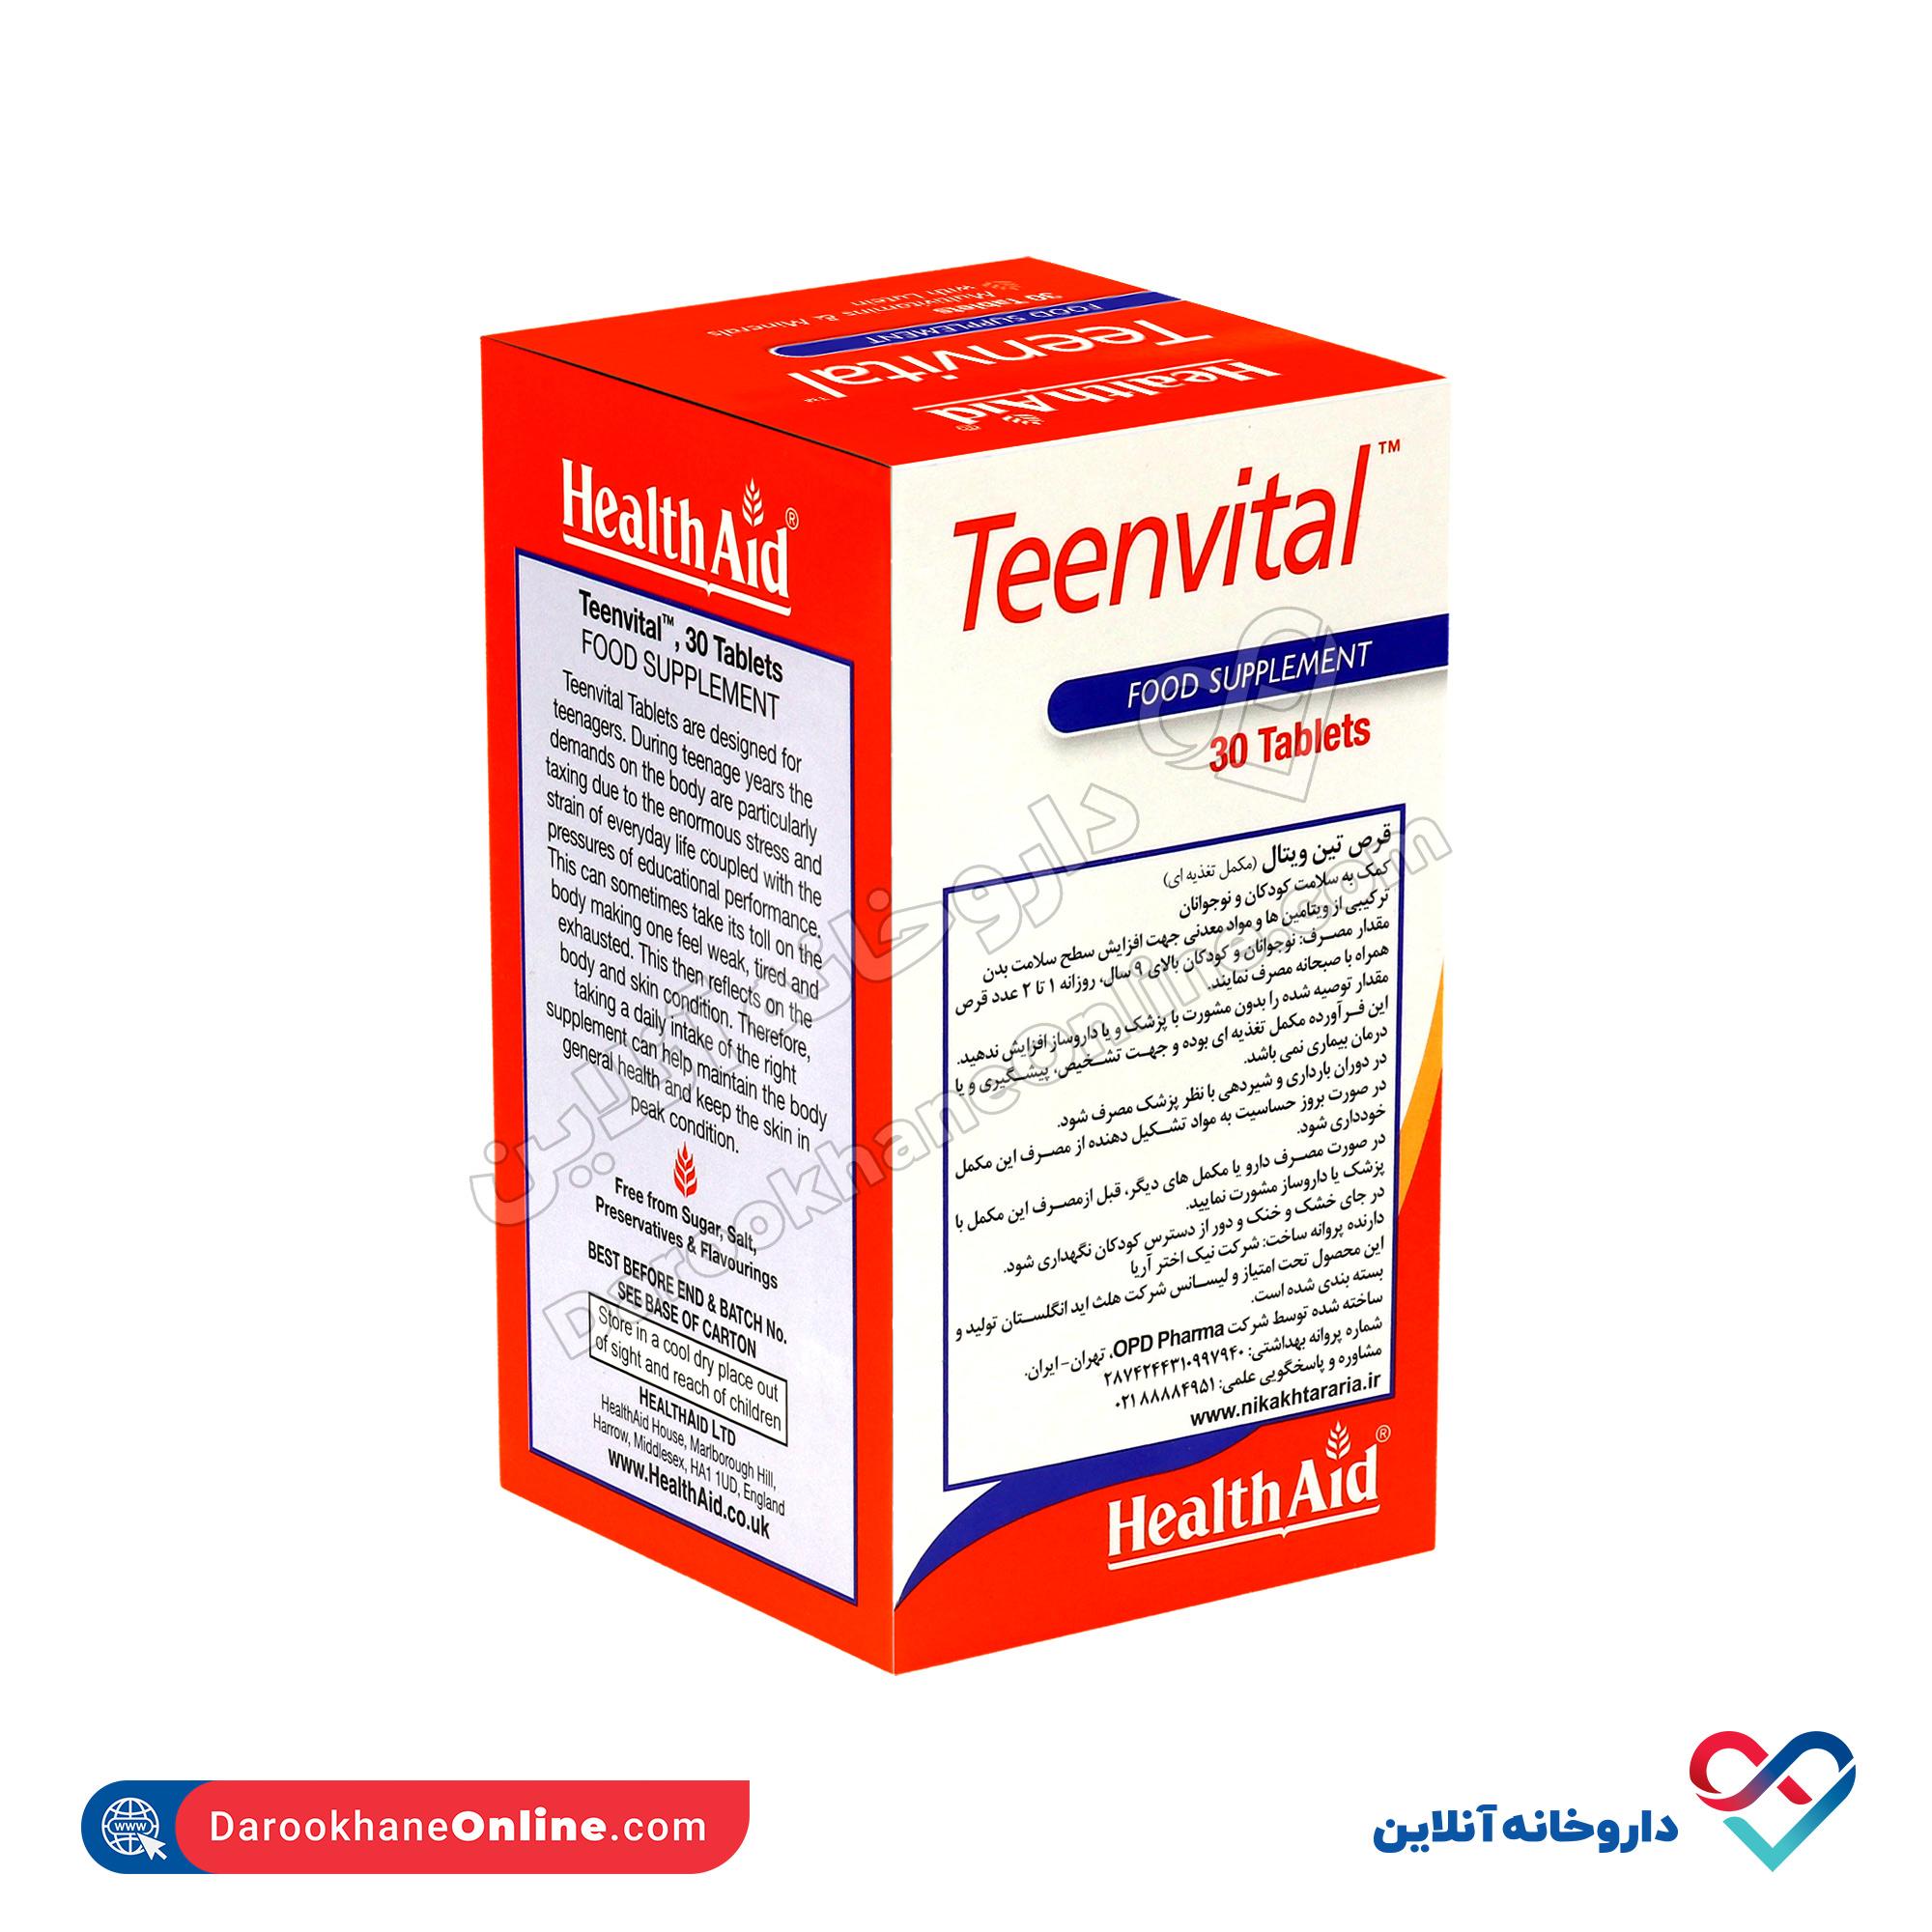 مکمل مولتی ویتامین تین ویتال هلث اید   ۳۰ عدد   مولتی ویتامین مناسب برای کودکان و نوجوانان